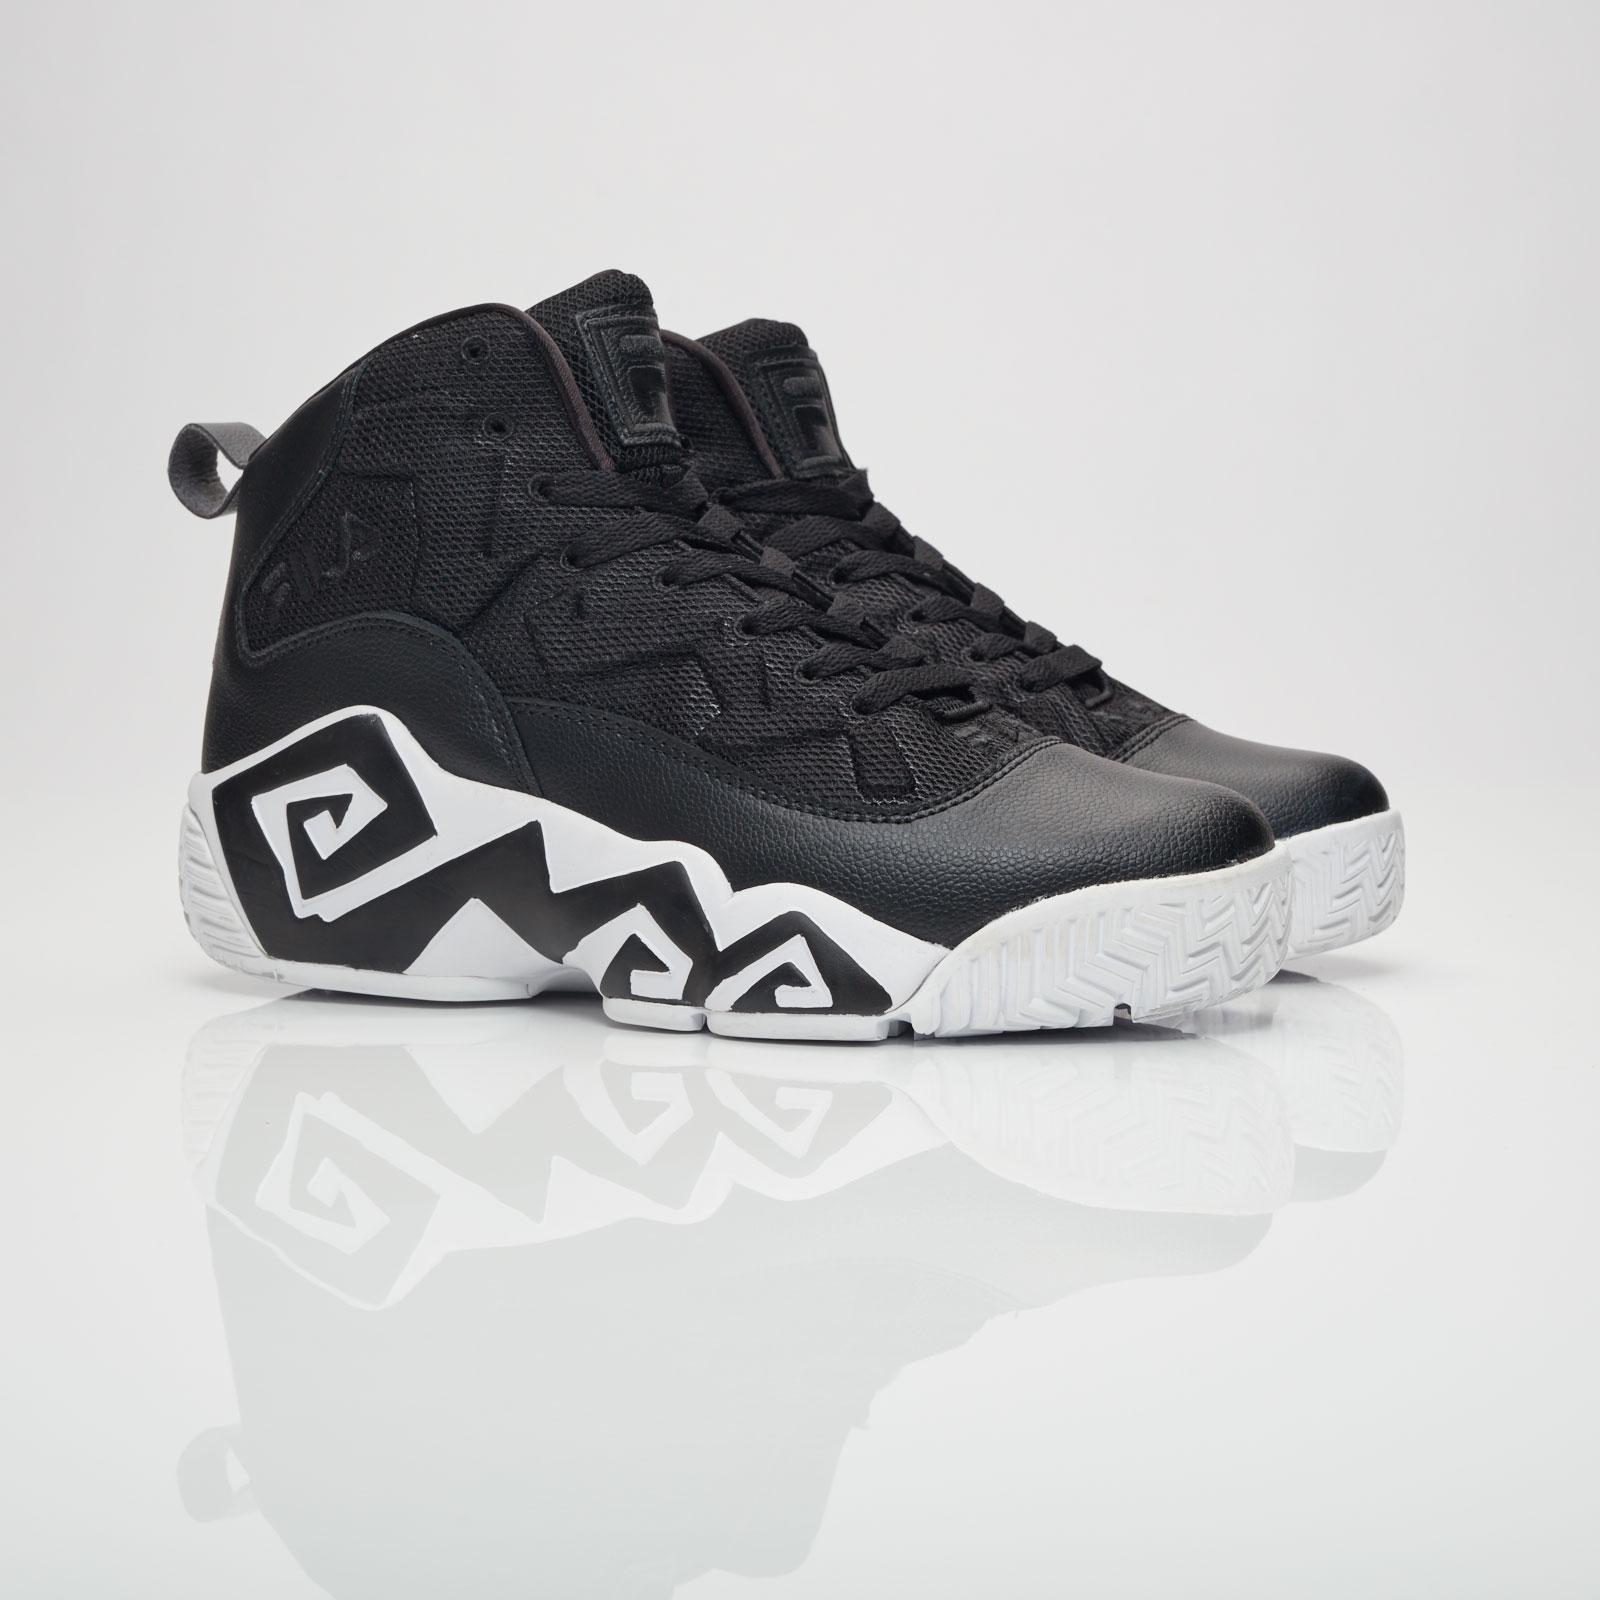 Fila MB Mesh - 1vb90177-016 - Sneakersnstuff | sneakers & streetwear ...